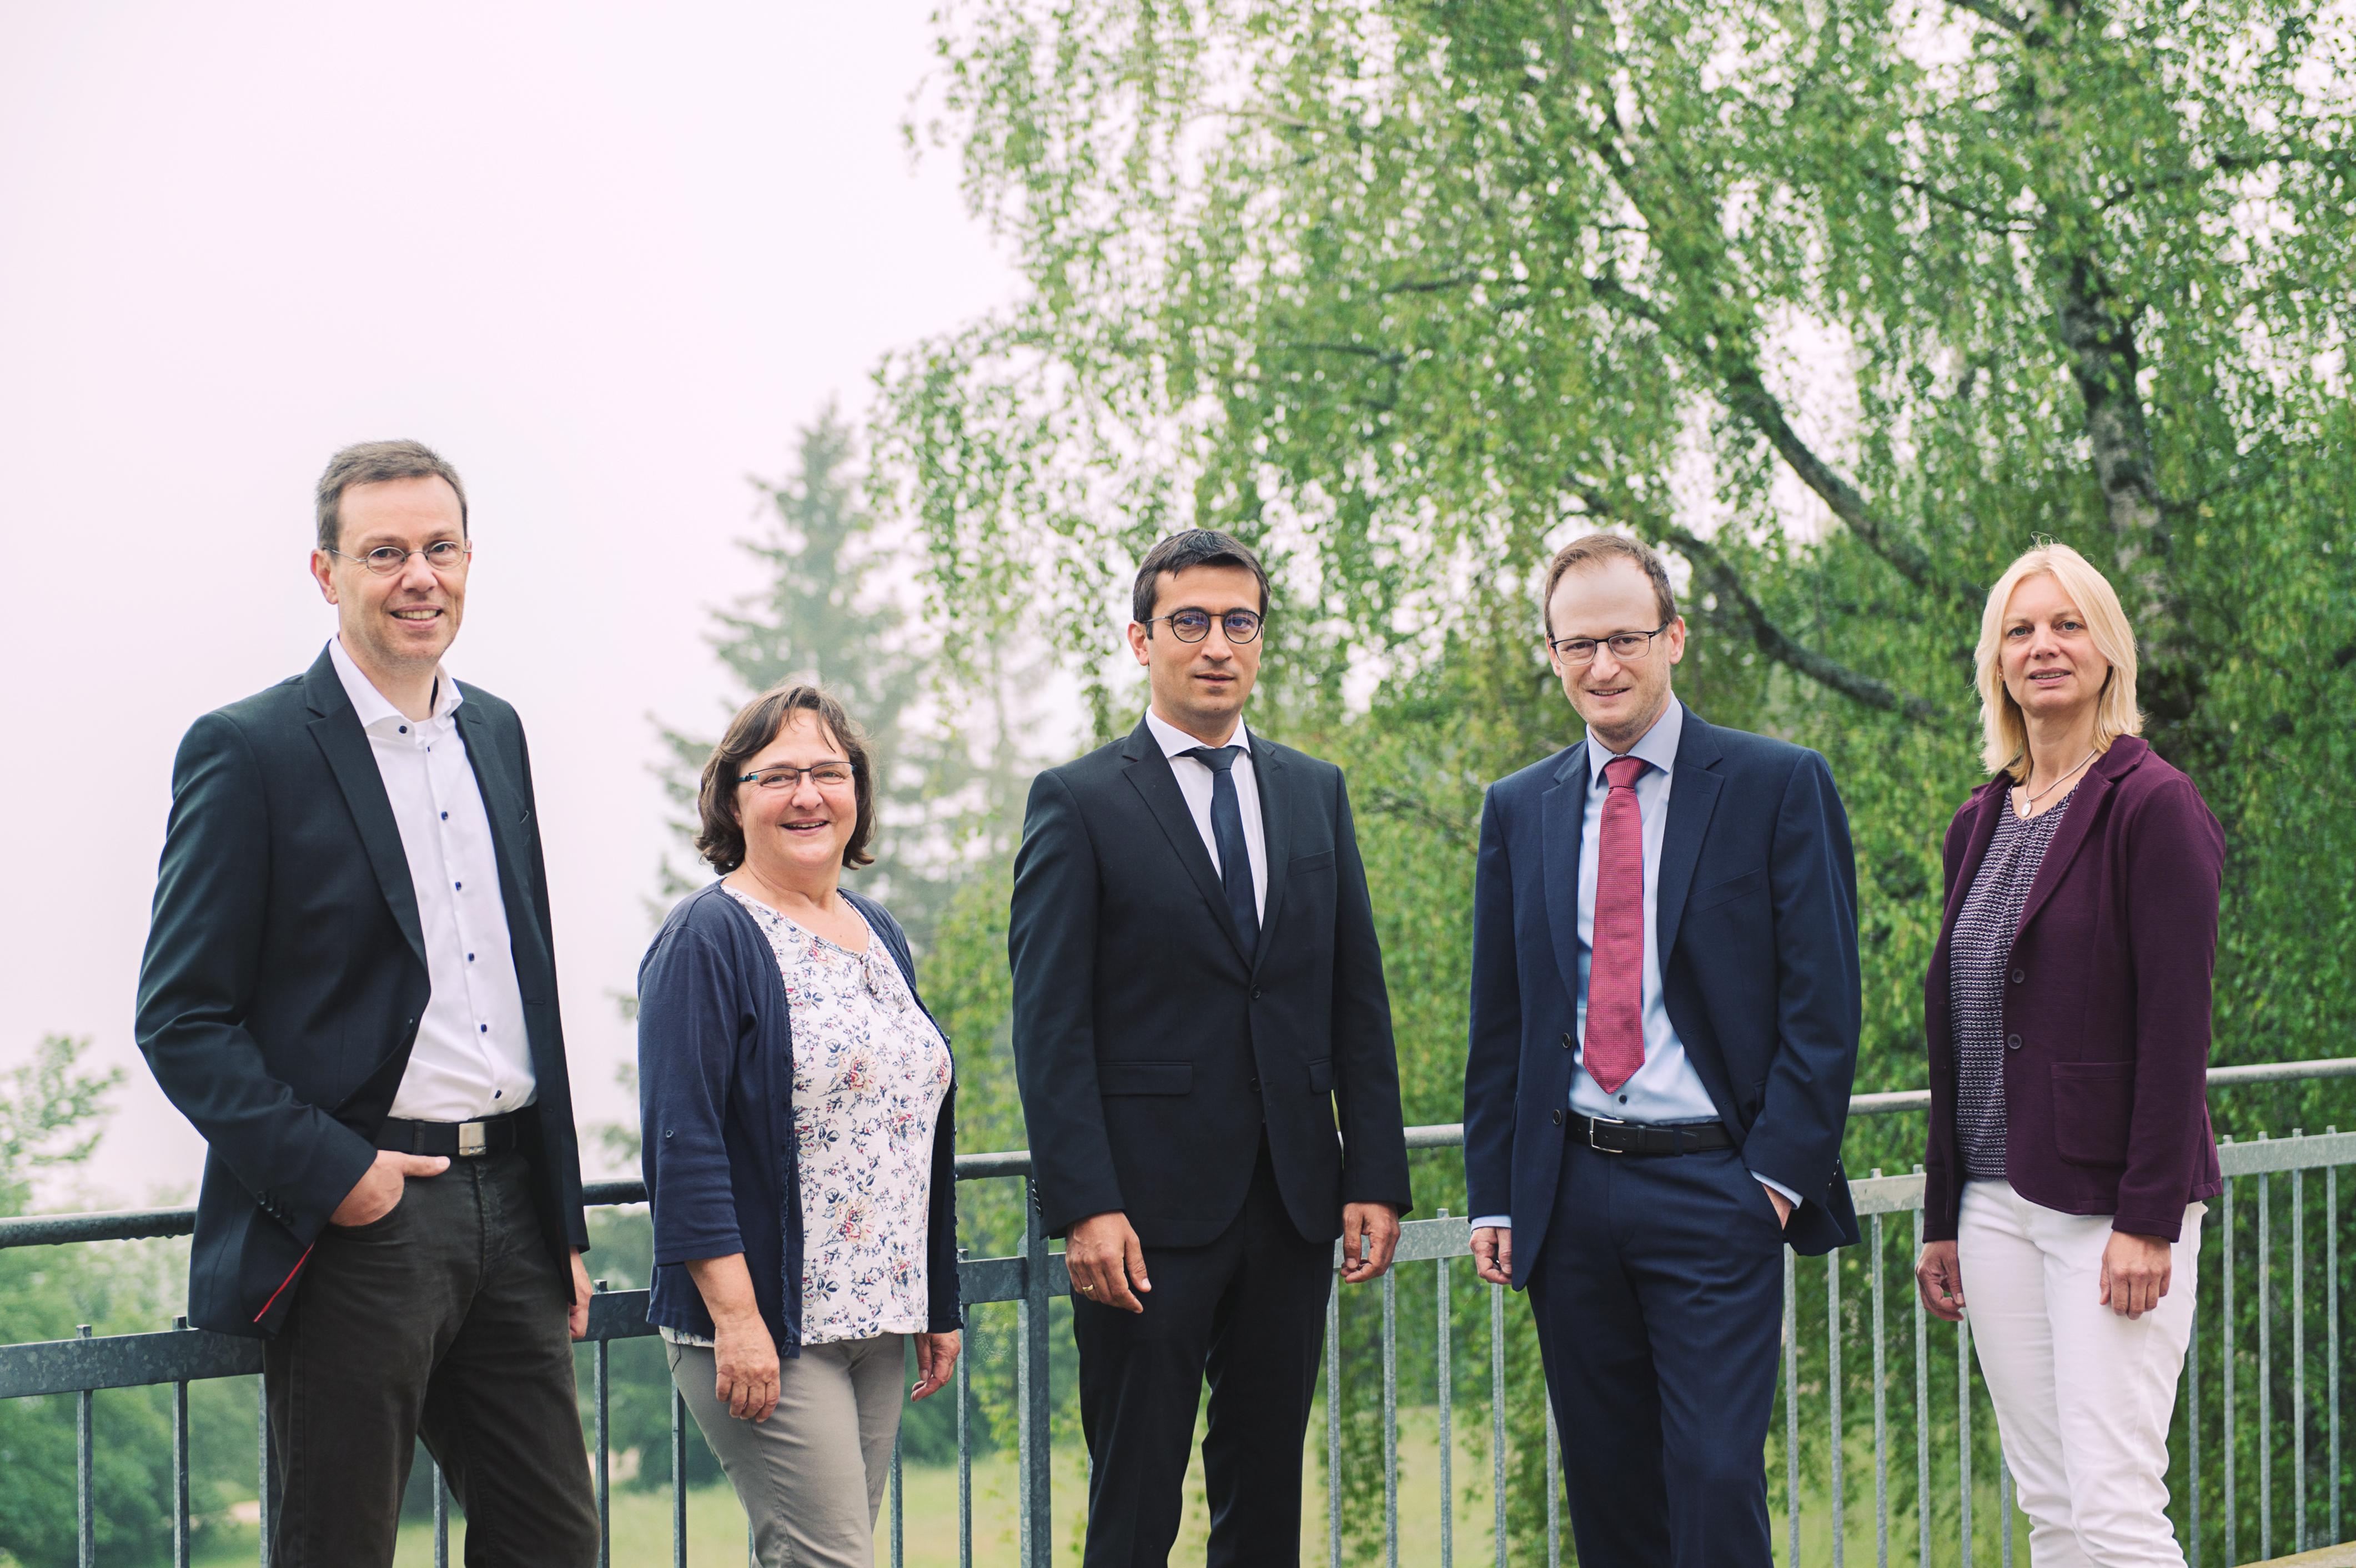 Gemeinsame Ausrichtung und Zielsetzung – Wunsch des neu gewählten Aufsichtsratsvorsitzenden der Kommunalen Altenhilfe Bayern